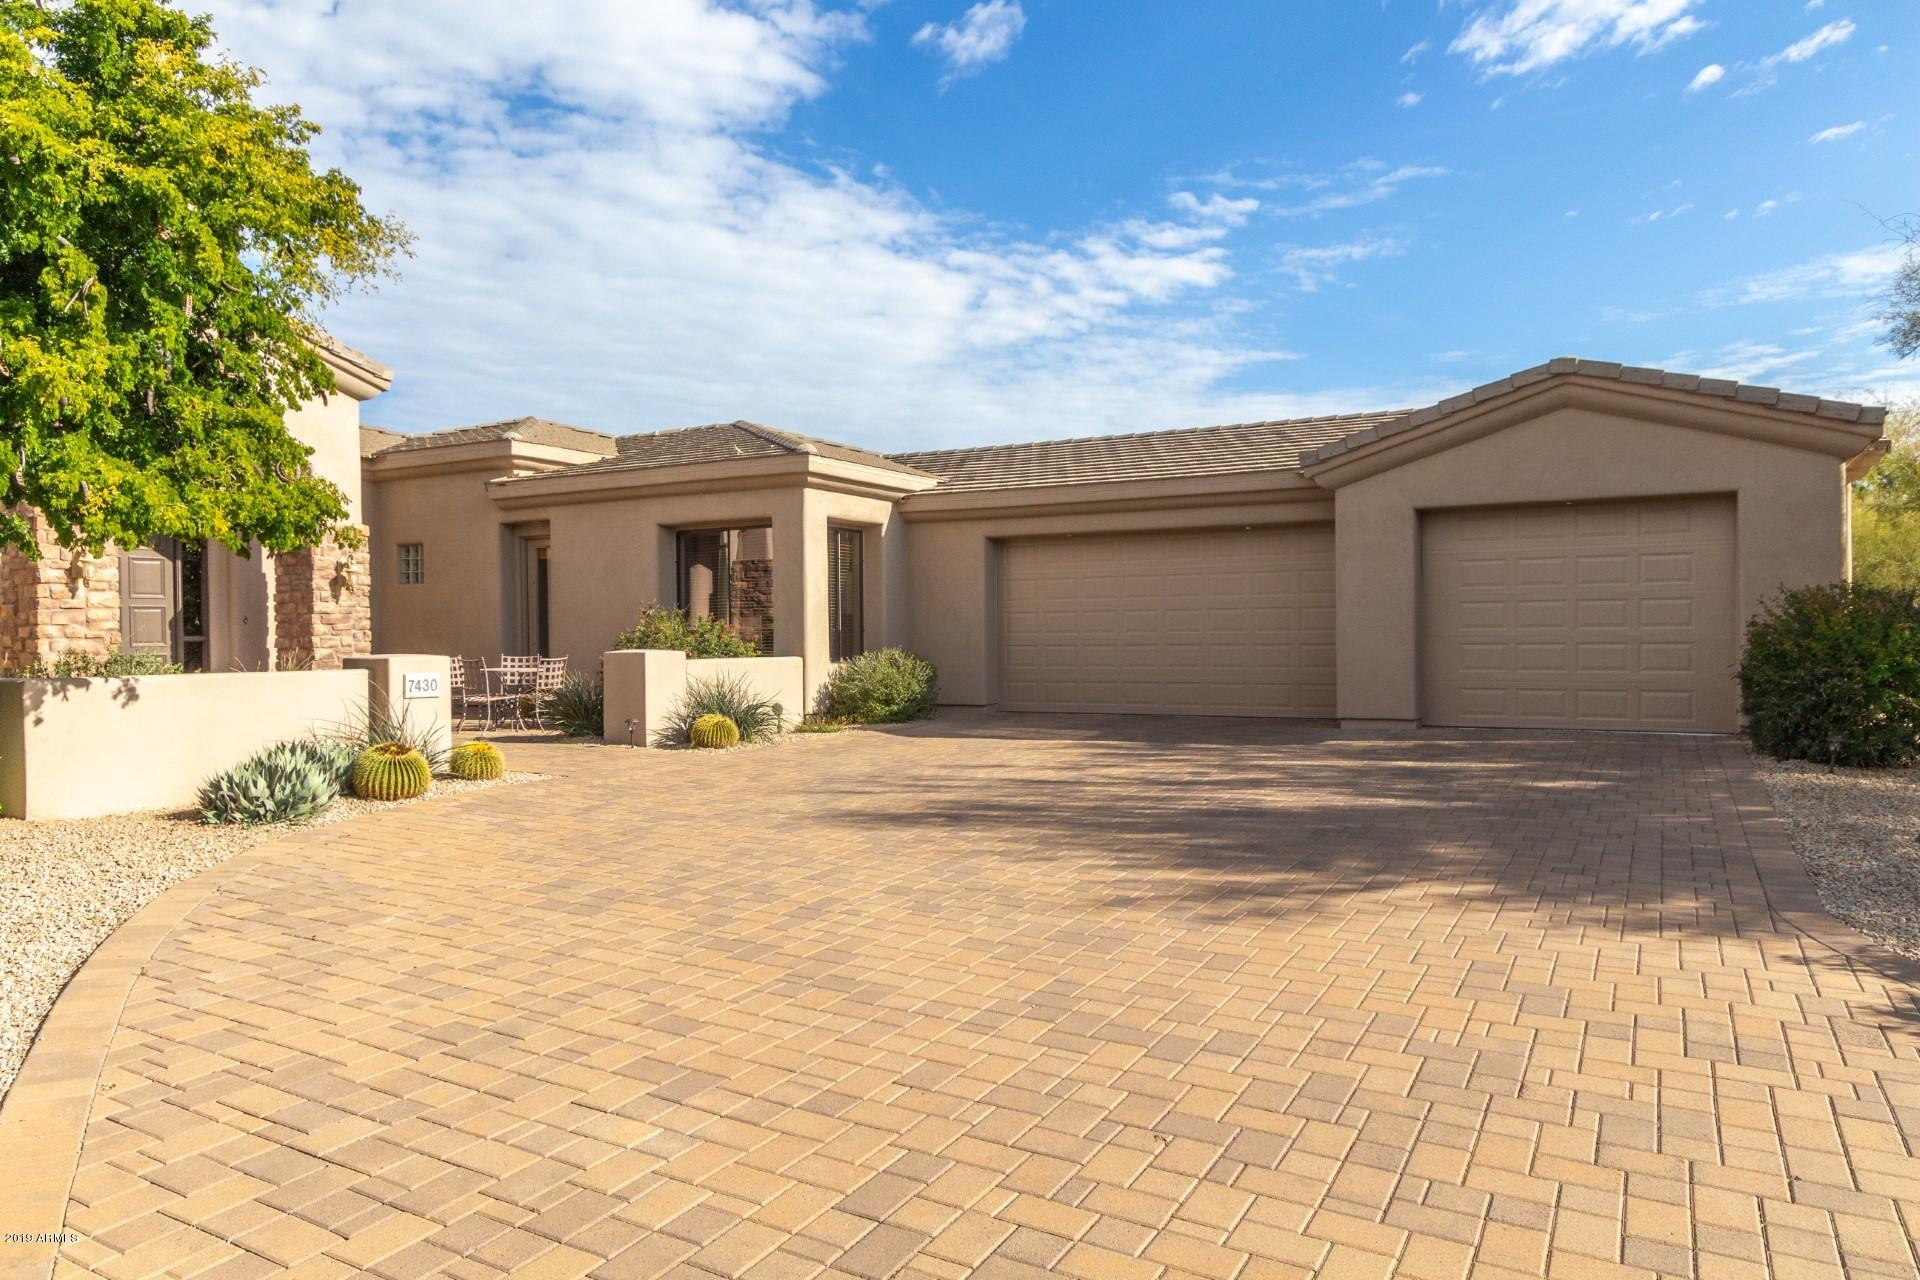 MLS 5892670 7430 E MONTERRA Way, Scottsdale, AZ 85266 Scottsdale AZ Monterra